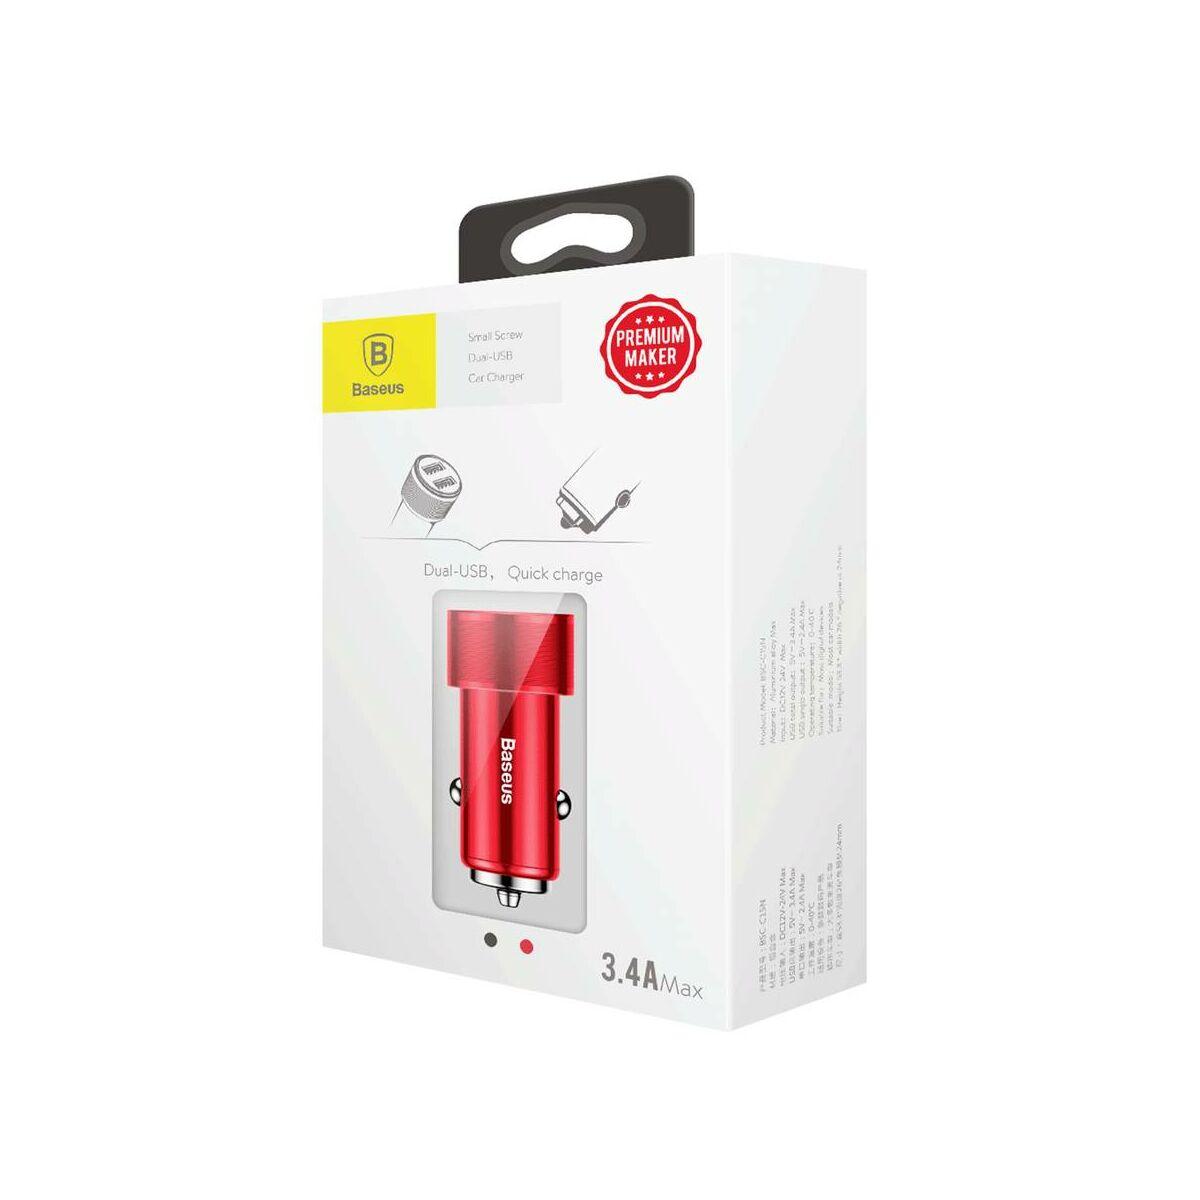 Baseus autós töltő, Small Screw 3.4A Dupla USB, piros (CAXLD-C09)